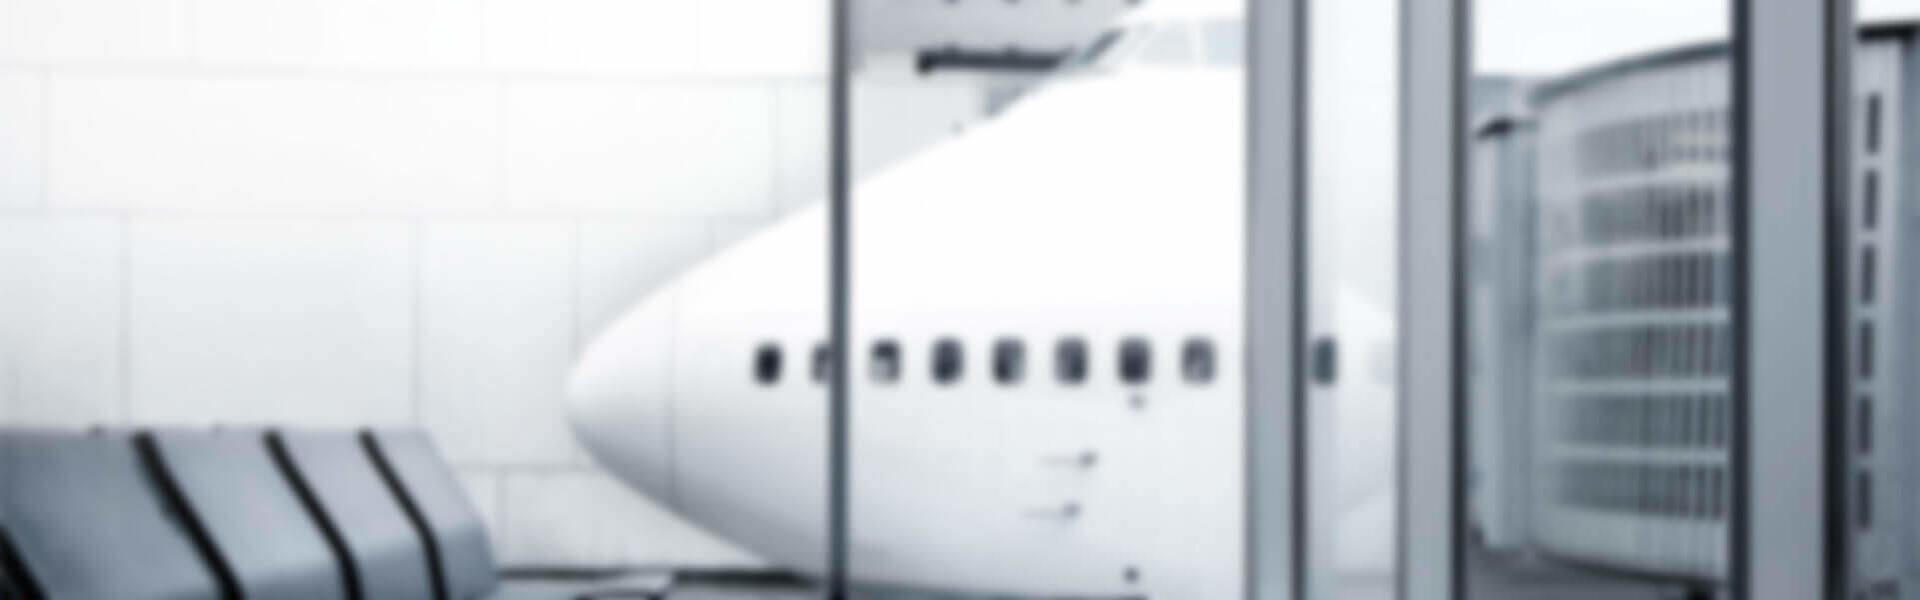 Stellenbörse im Flughafenbetrieb - Boarding